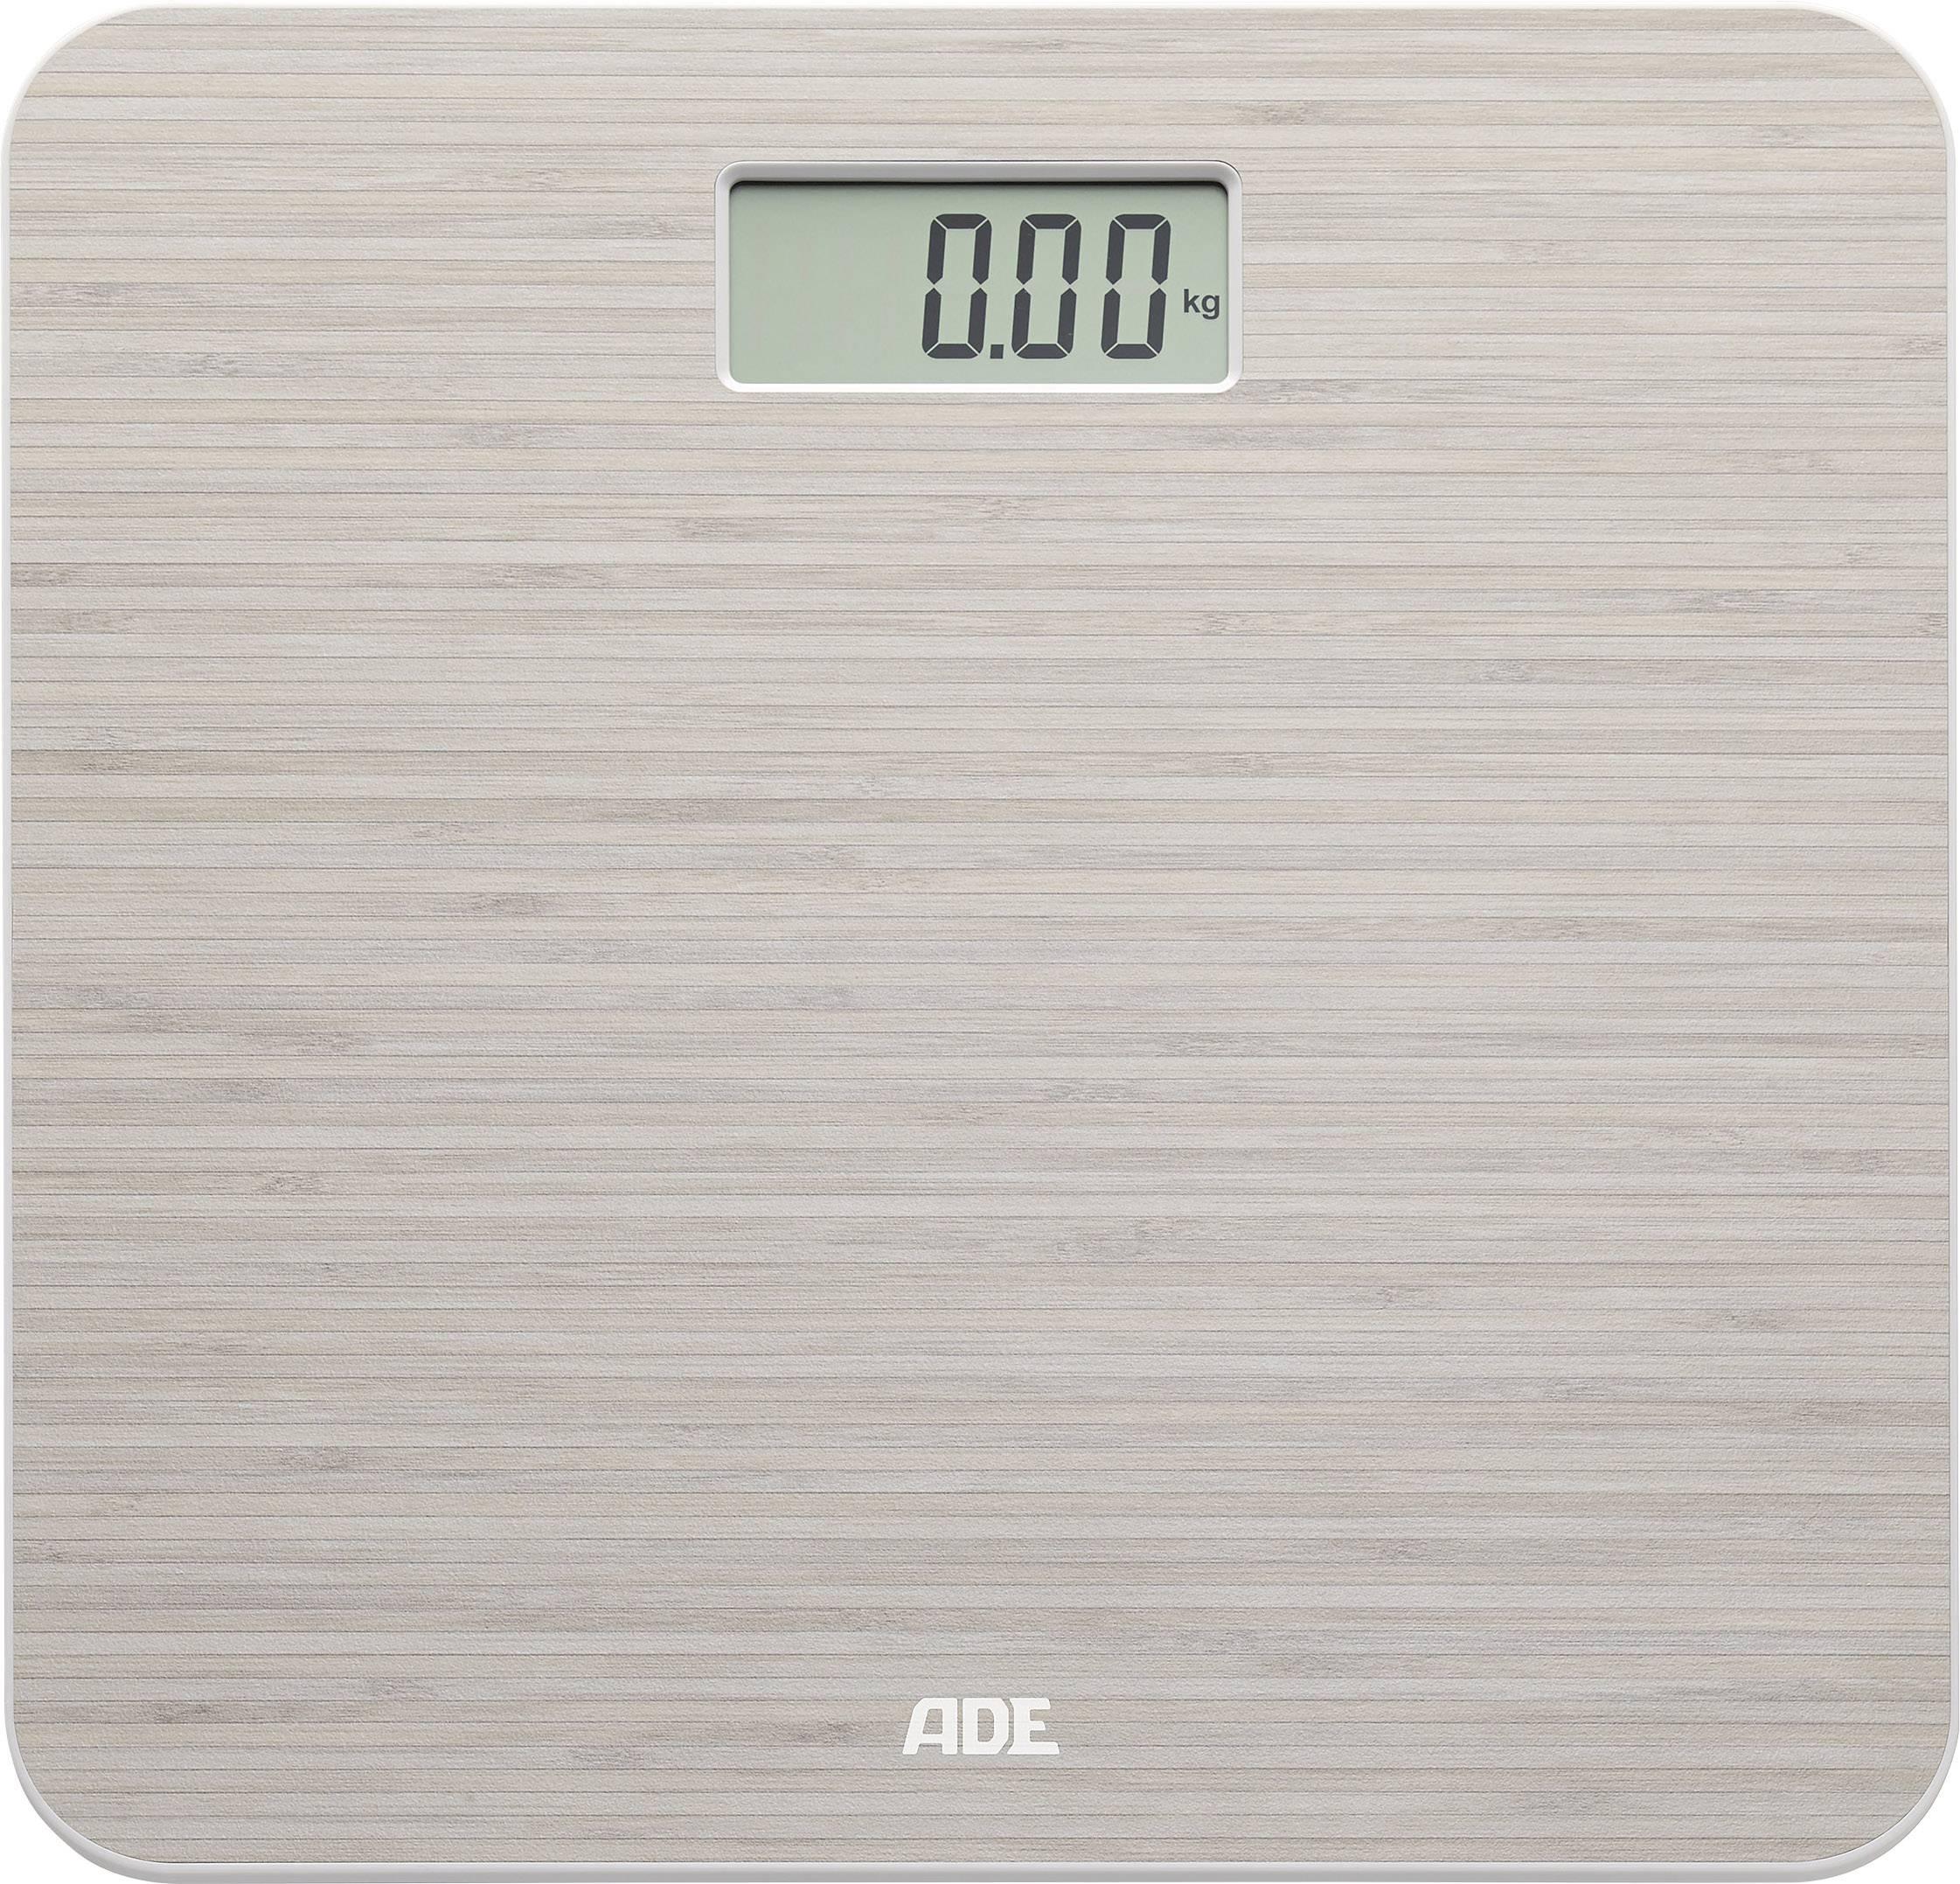 Digitálna osobná váha ADE BE 1505 Chloe, bambusová